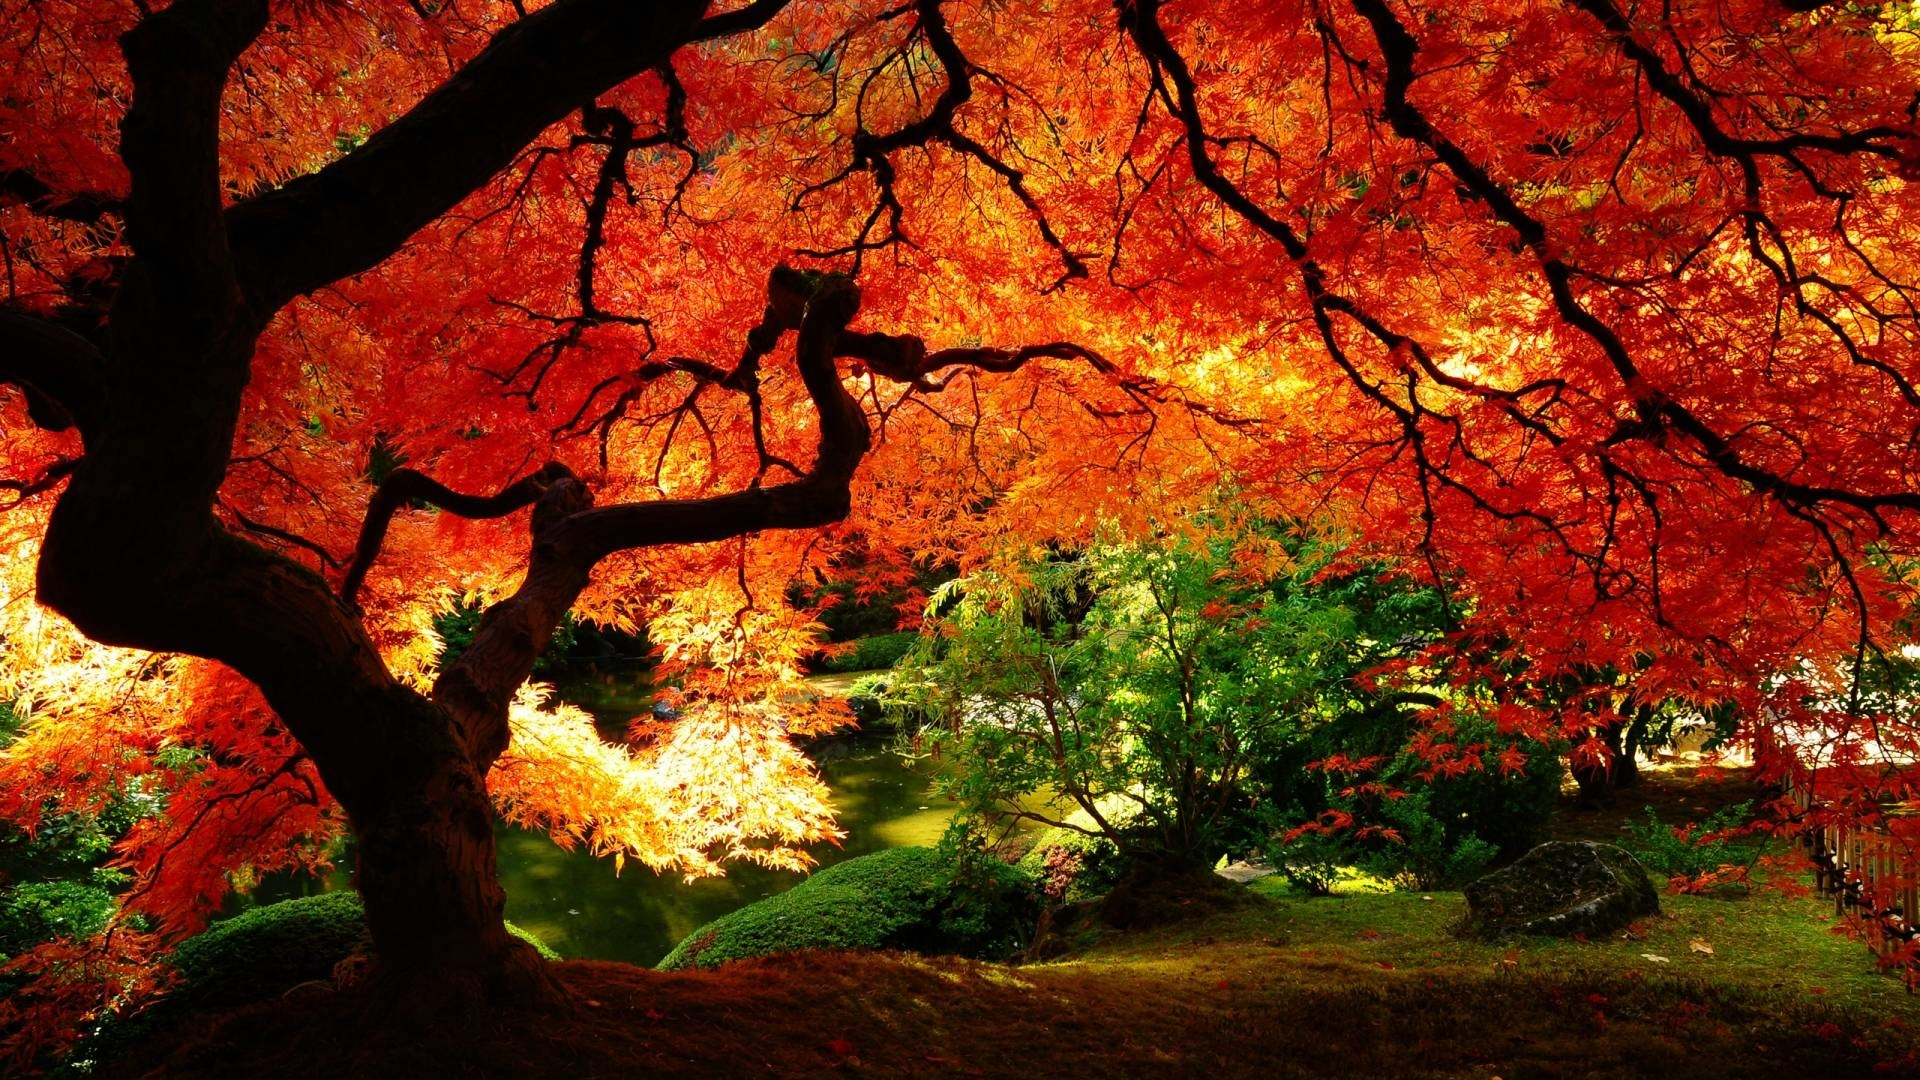 Fall Background Desktop (68+ Images